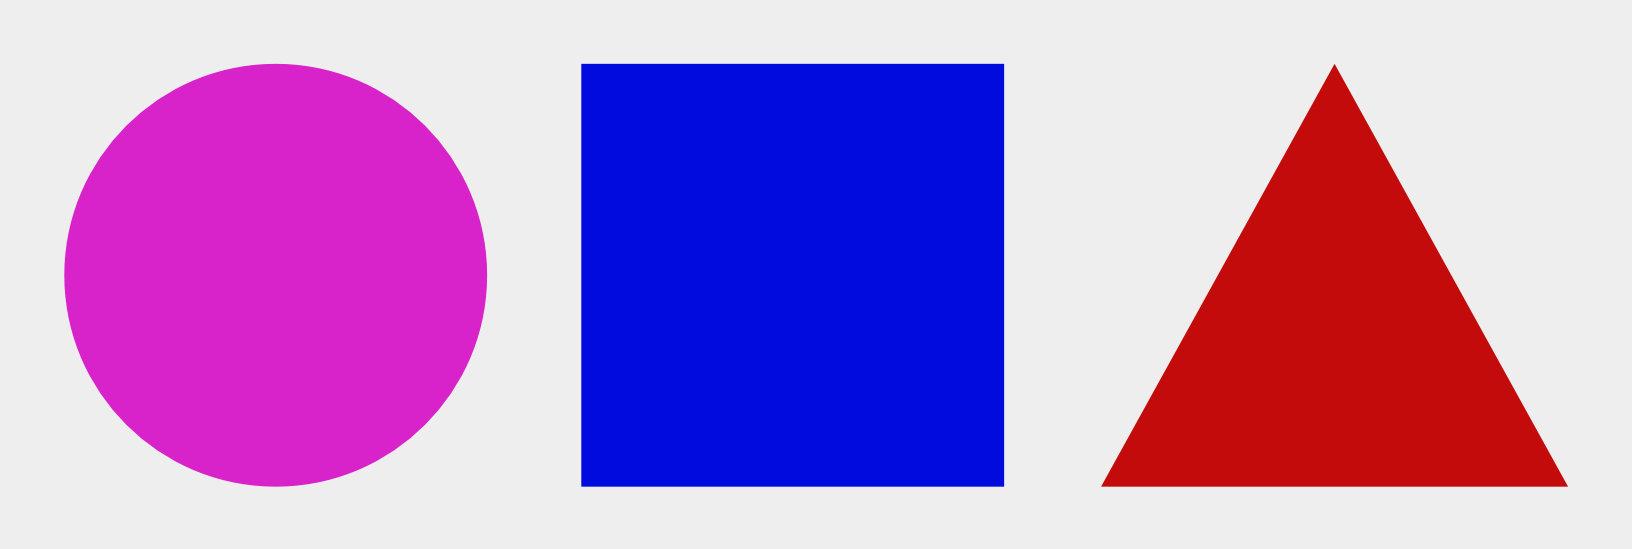 Formas planas geométricas